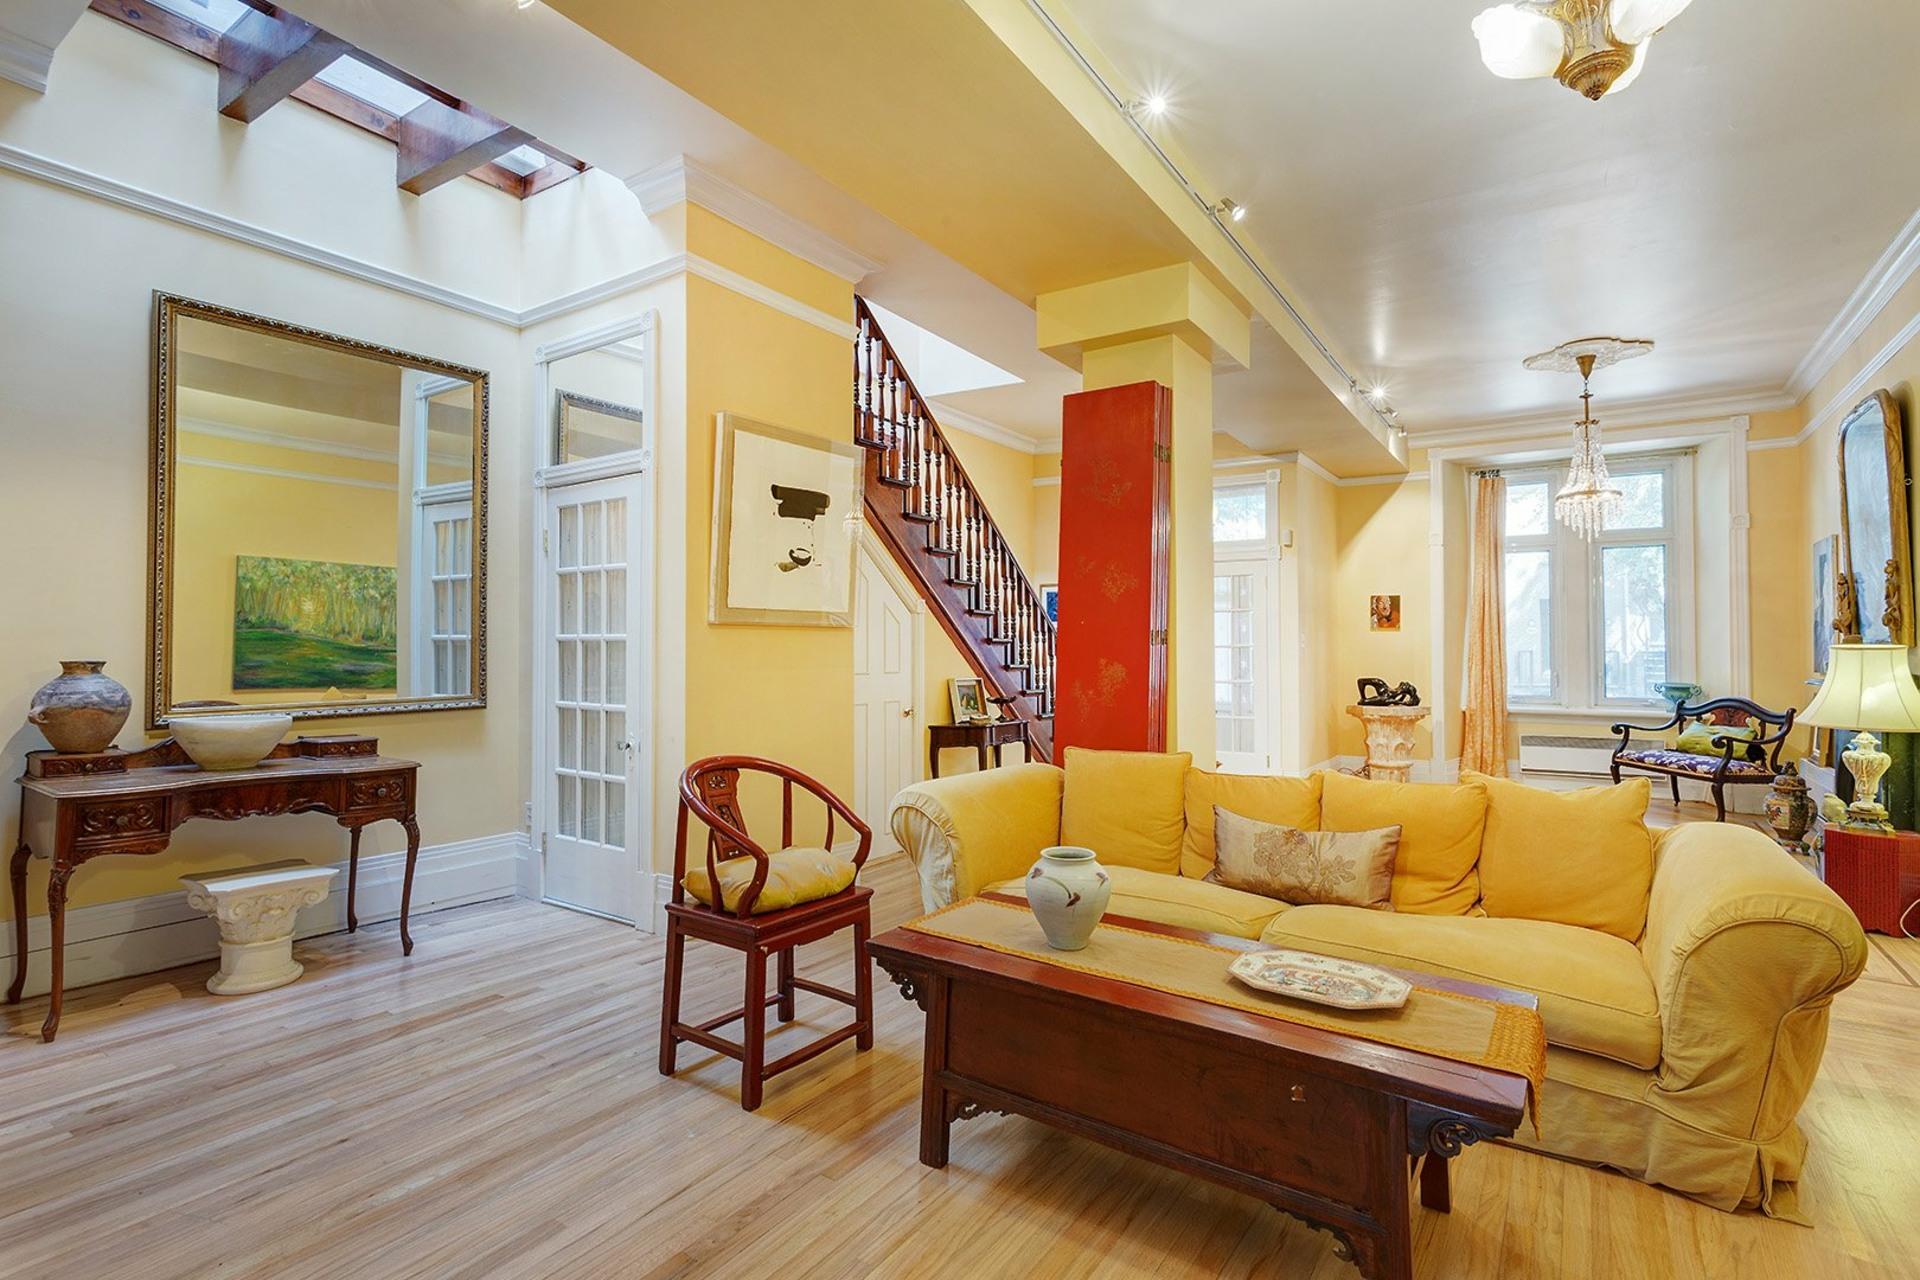 image 7 - Maison À vendre Le Plateau-Mont-Royal Montréal  - 14 pièces